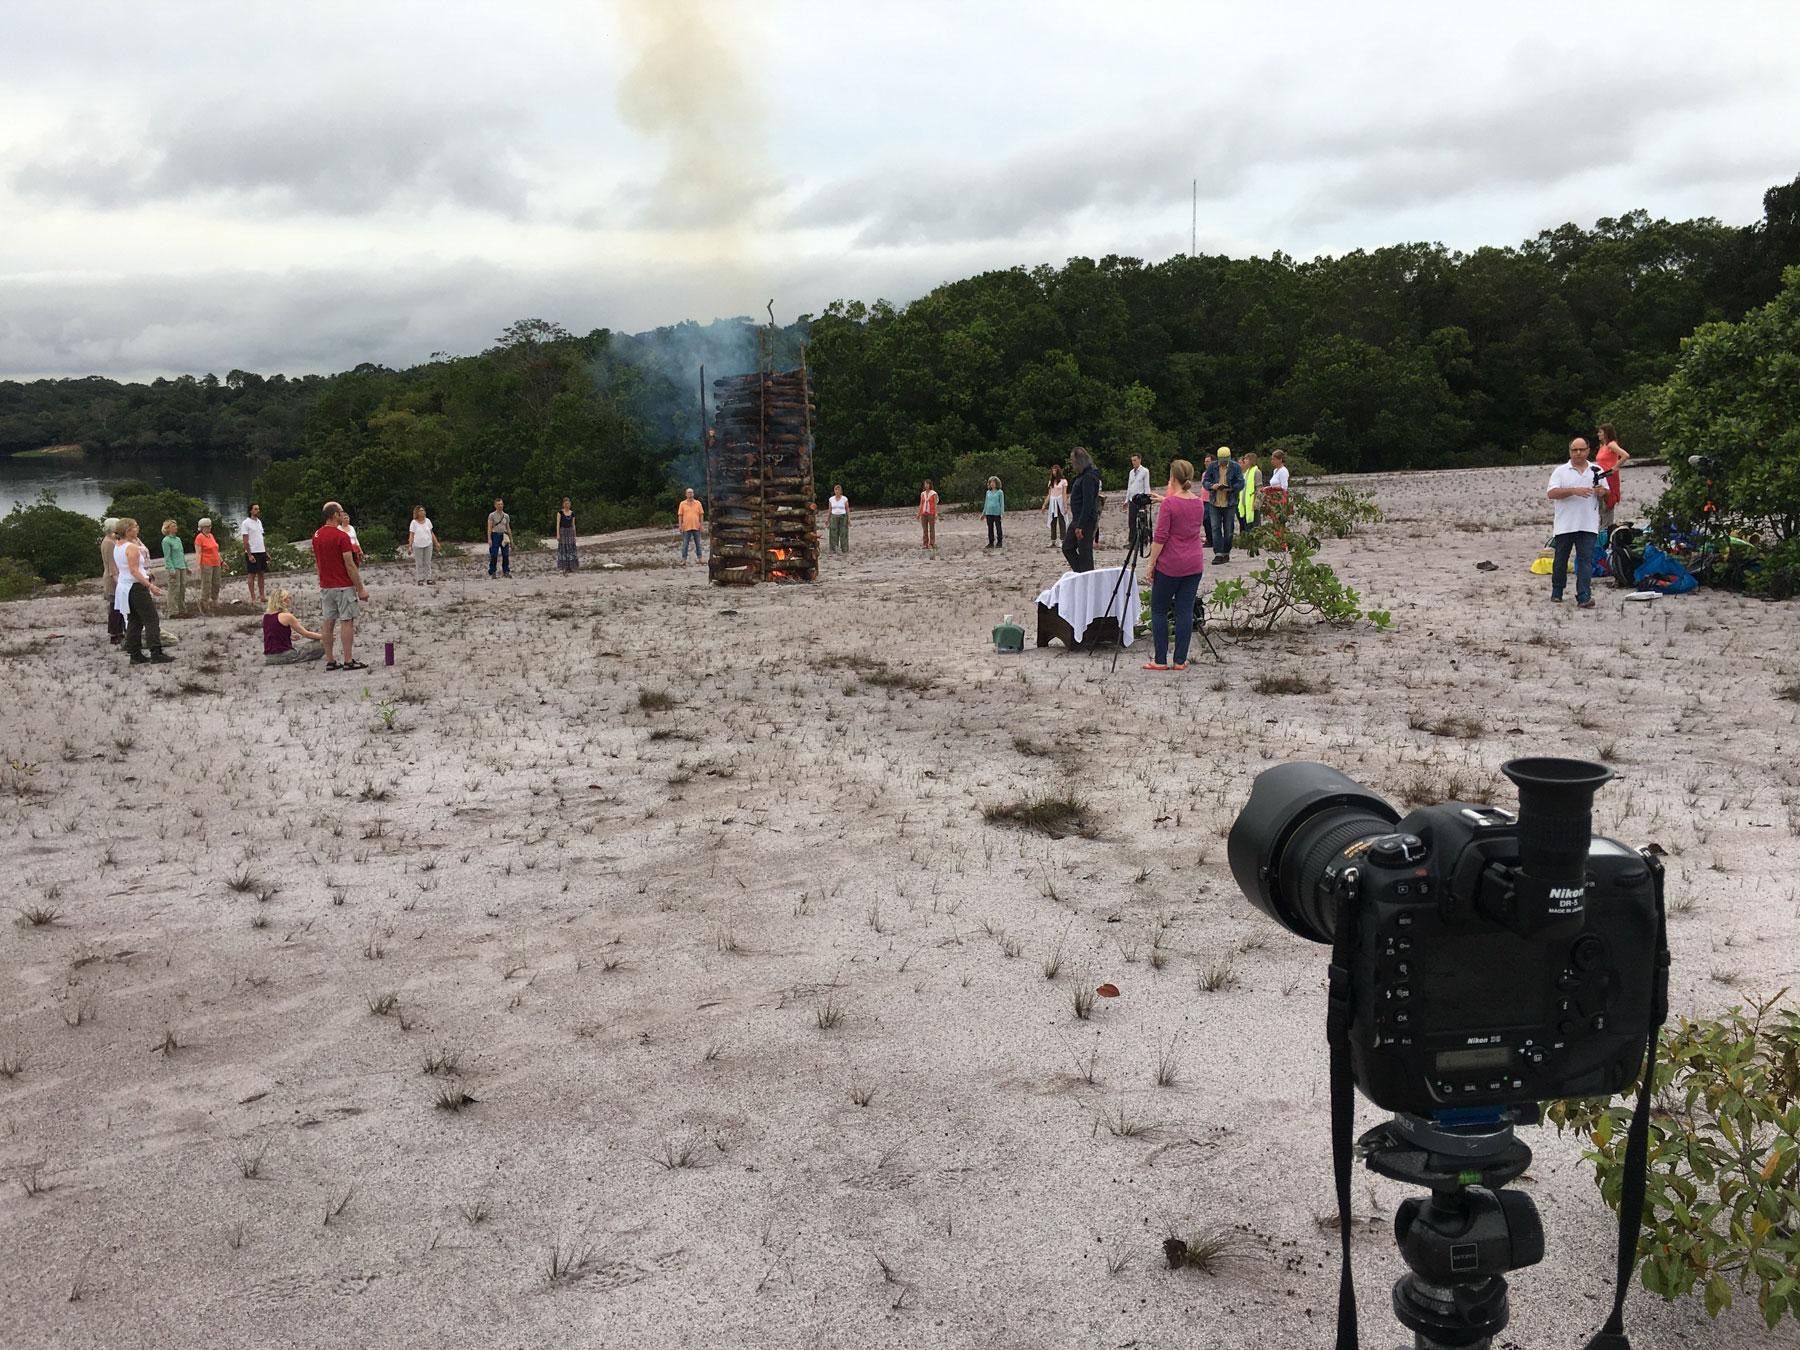 Foto einer Gruppe, die im Kreis um ein Feuer stehen mit einer Kamera im Vordergrund